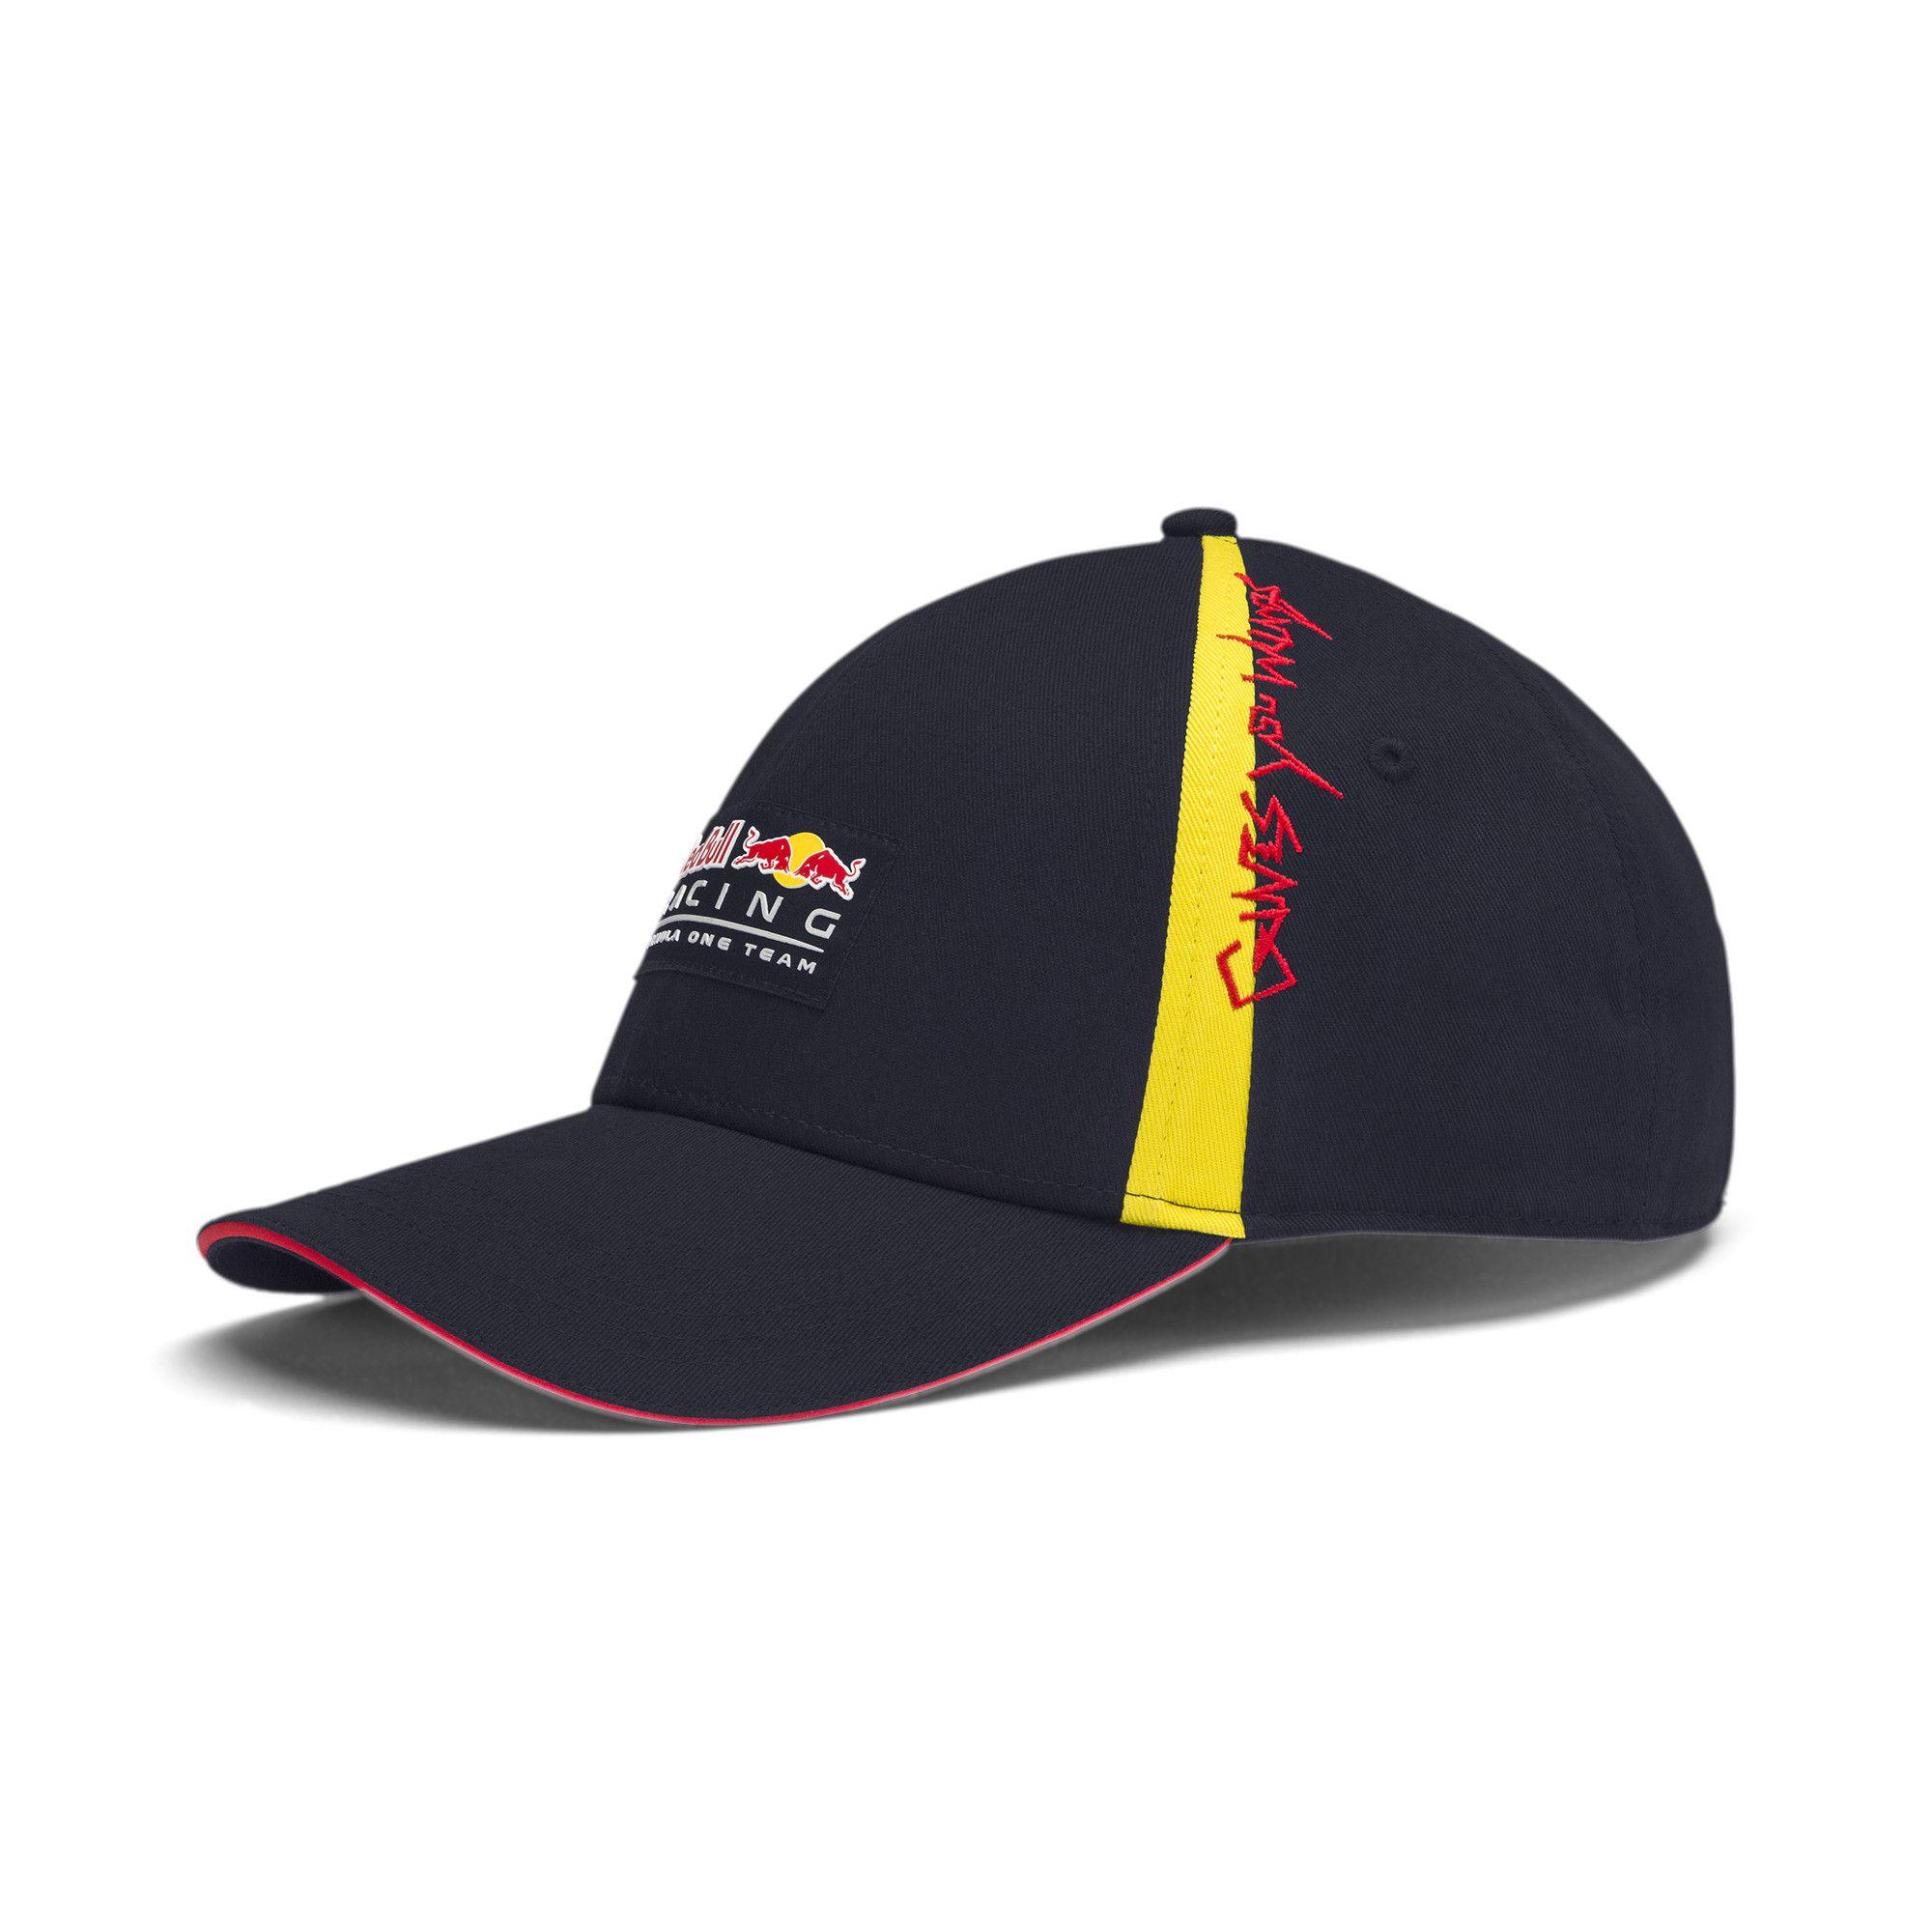 Bone Puma Red Bull Racing motorsport